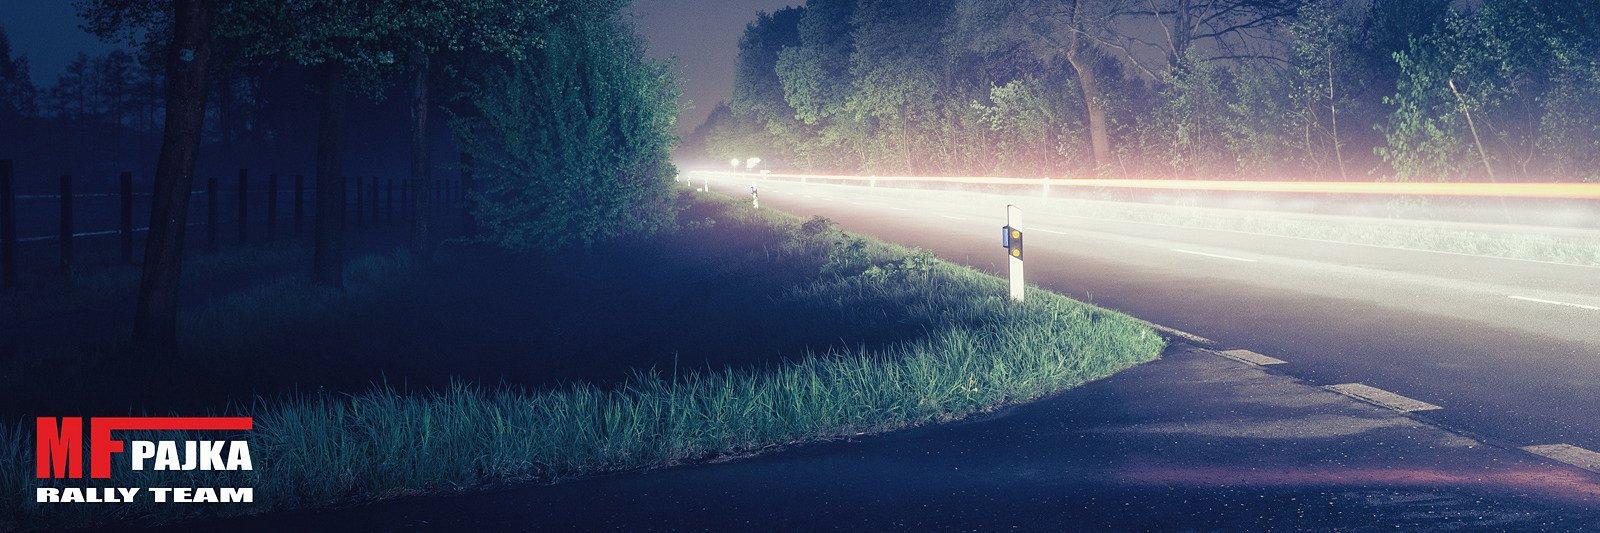 Zadbaj o swoje bezpieczeństwo i bądź widoczny na drodze!